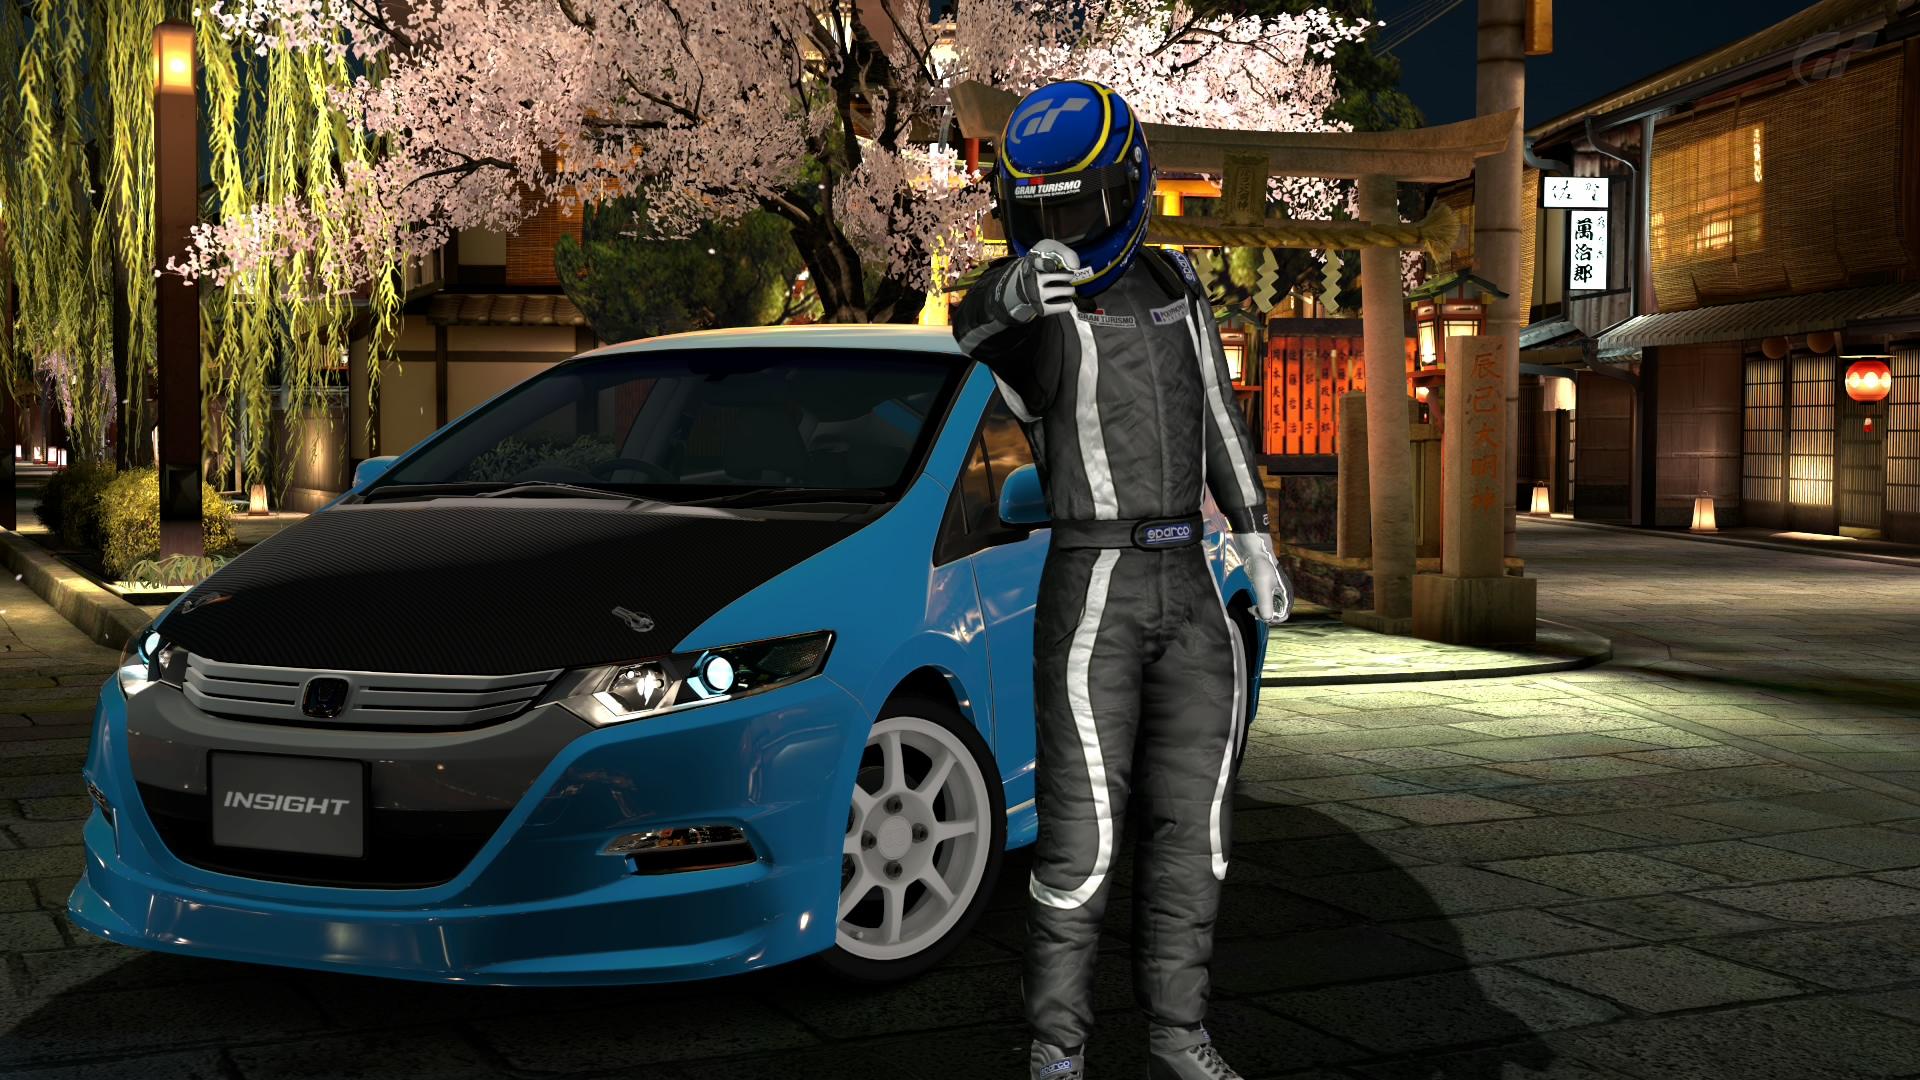 Honda Insight Custom By Nightmareracer85